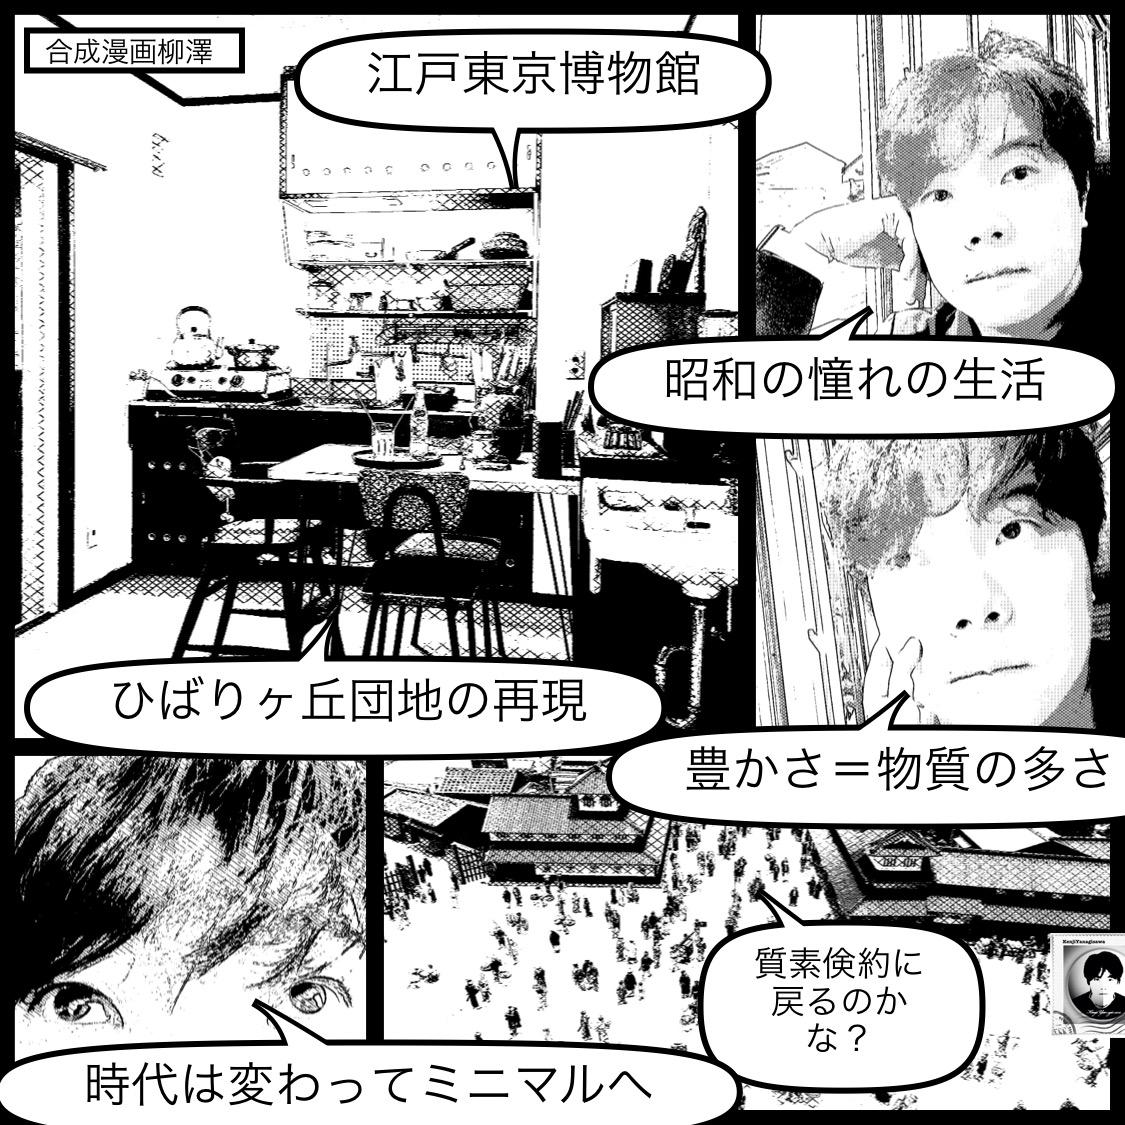 ミニマル:合成漫画柳澤